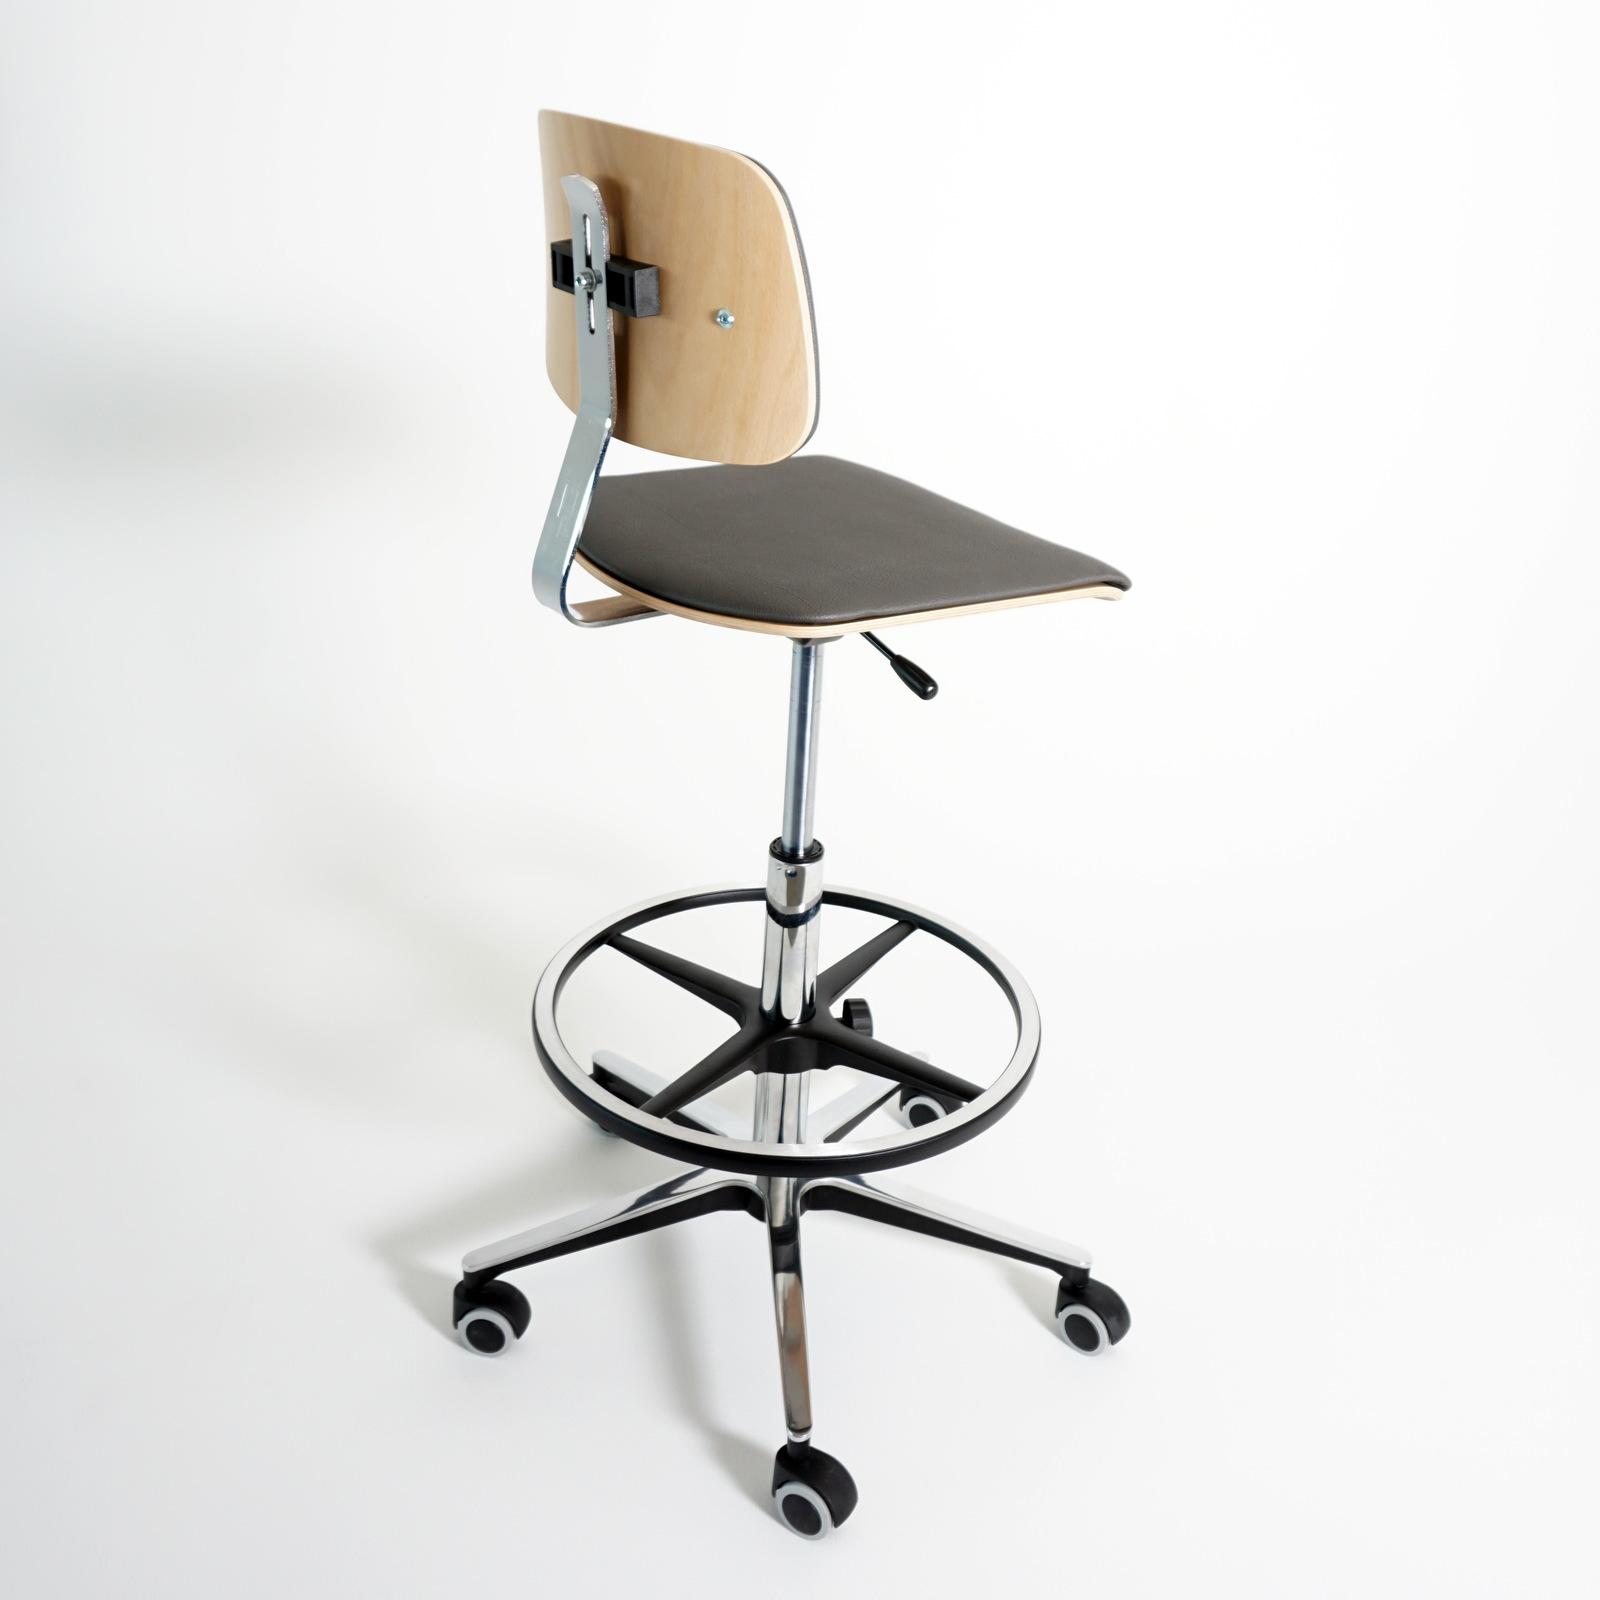 Chaise de travail technique pour atelier et tabli d for Chaise de travail